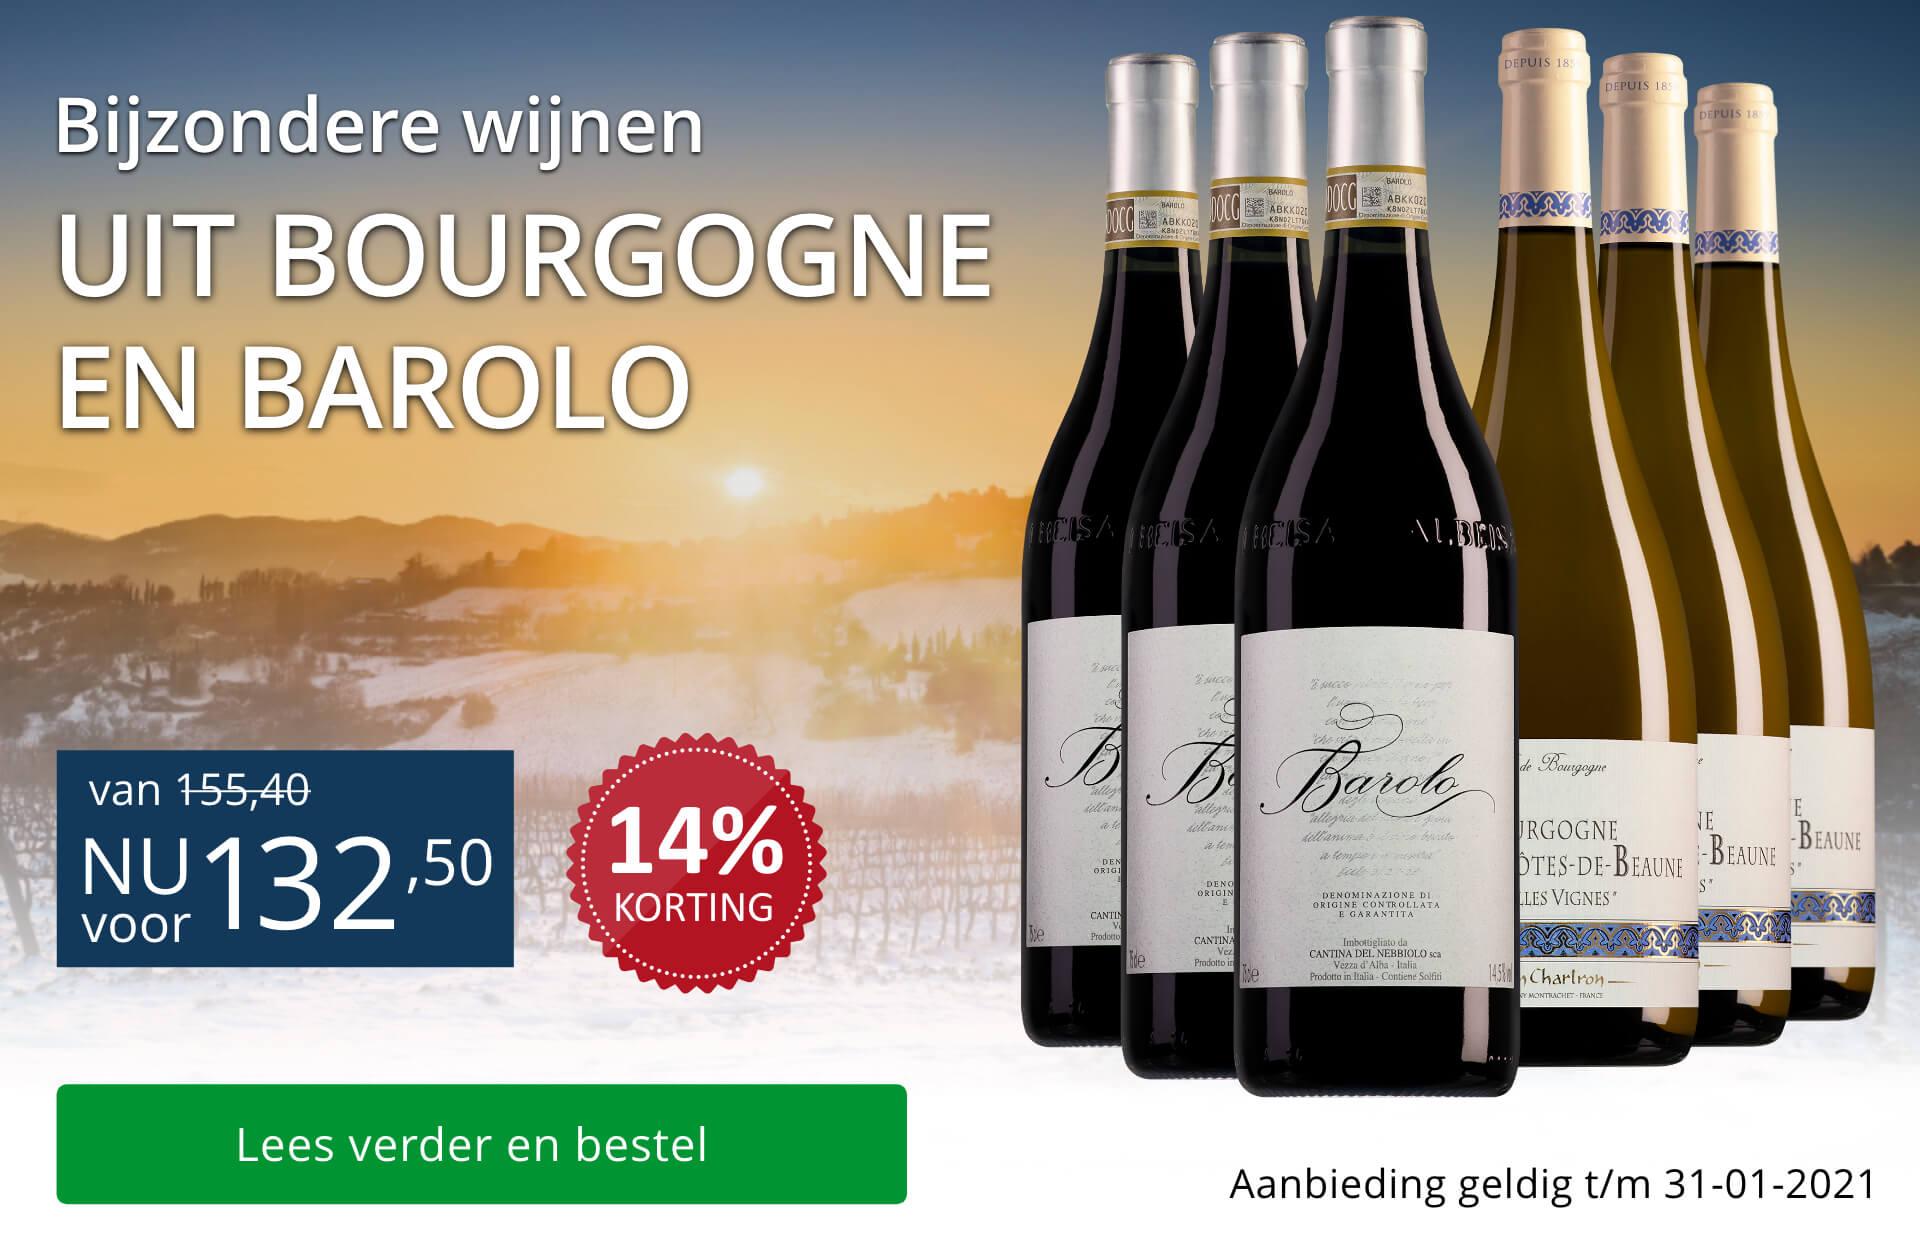 Wijnpakket bijzondere wijnen januari 2021 (132,50) - blauw